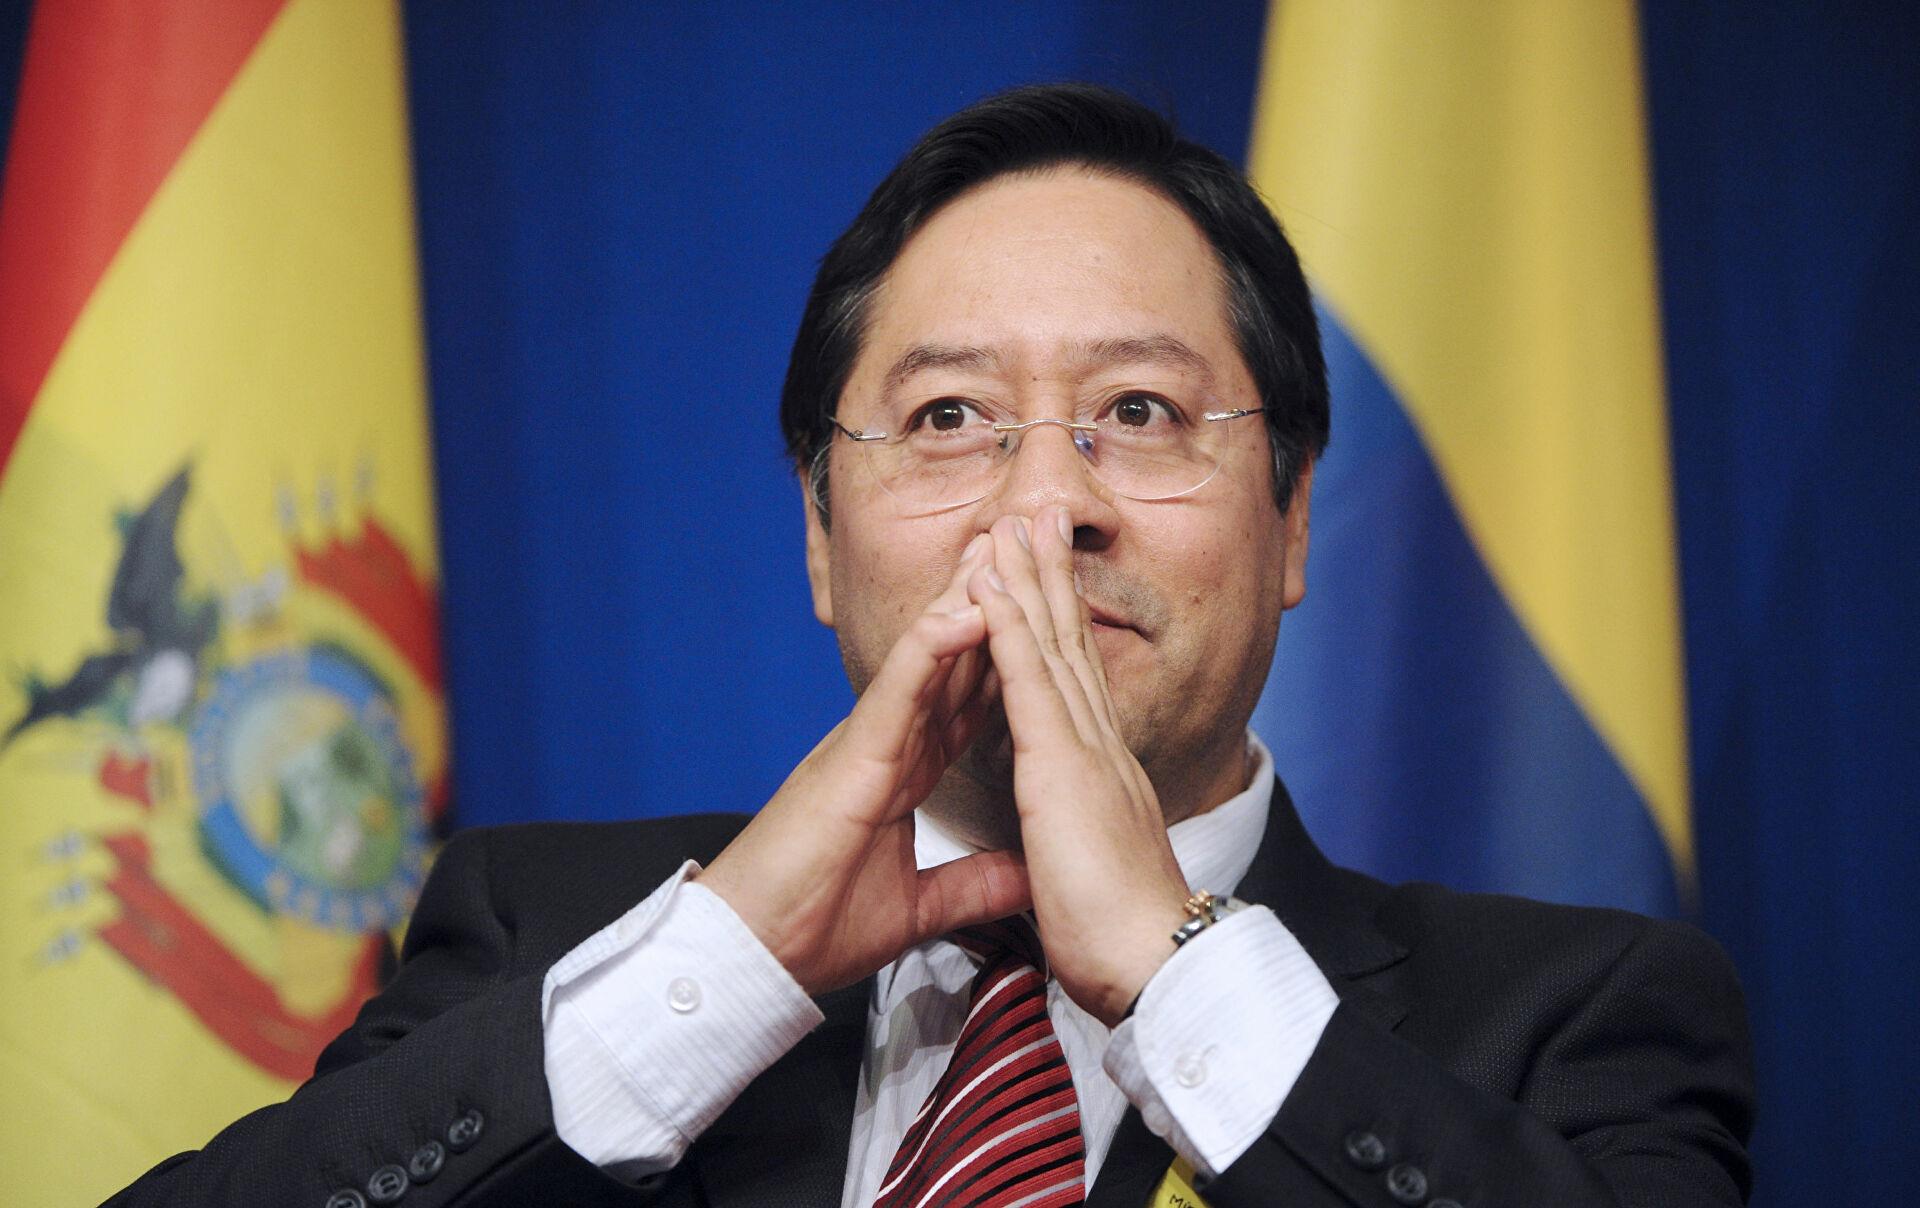 Gobierna anticipa que Arce no cambiará a su gabinete